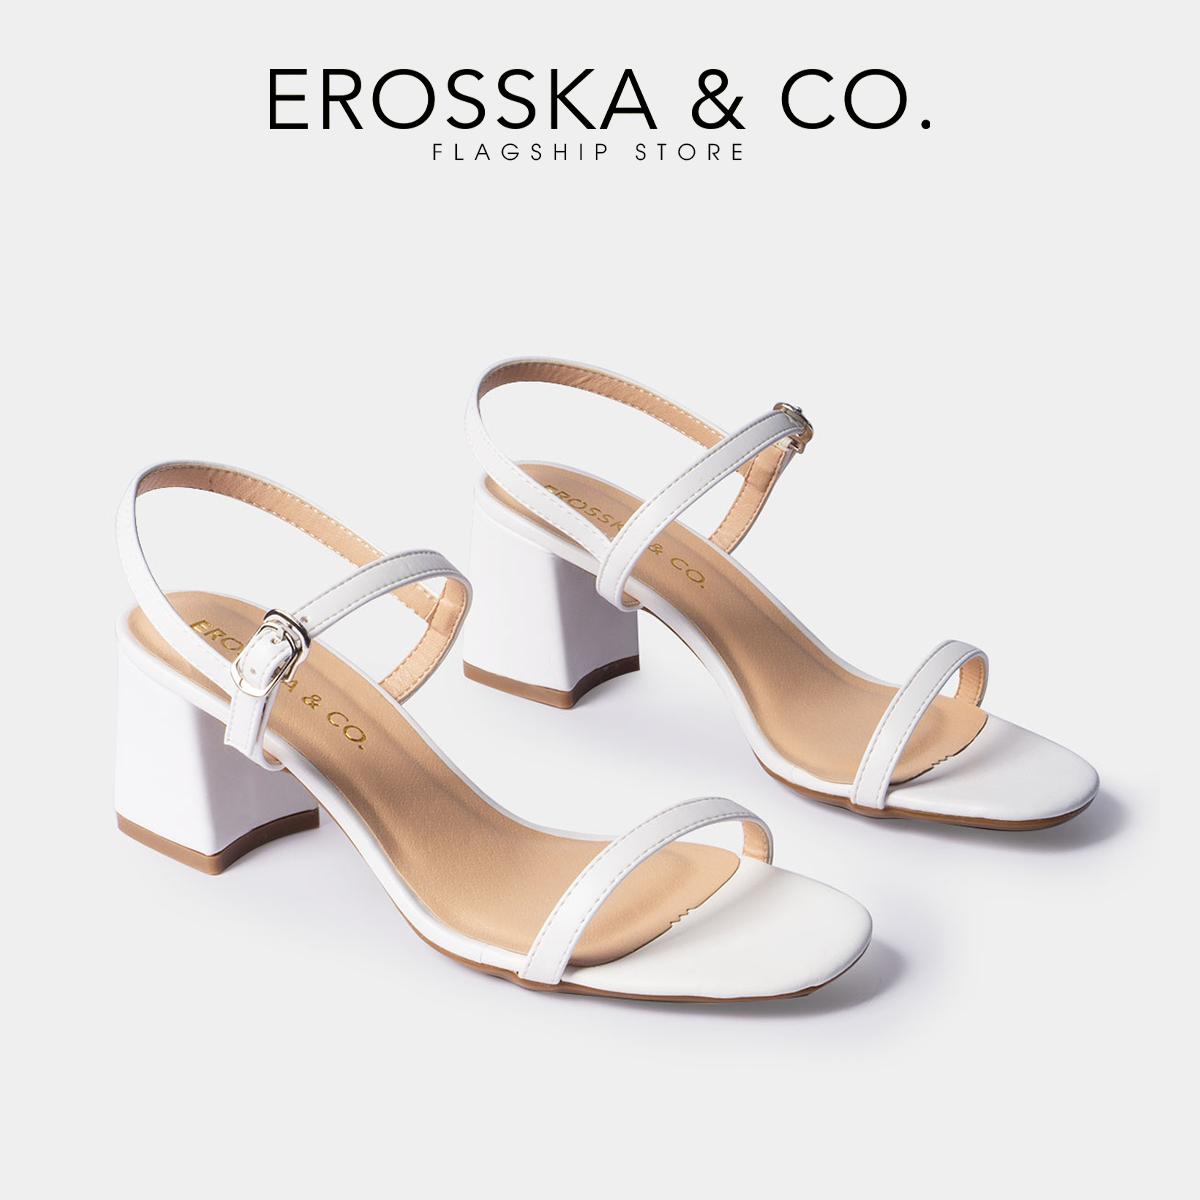 Giày Nữ Cao Gót Vuông Block Heels Erosska Quai Mảnh Tinh Tế Cao 7cm EM019 Màu Trắng  - size - 39